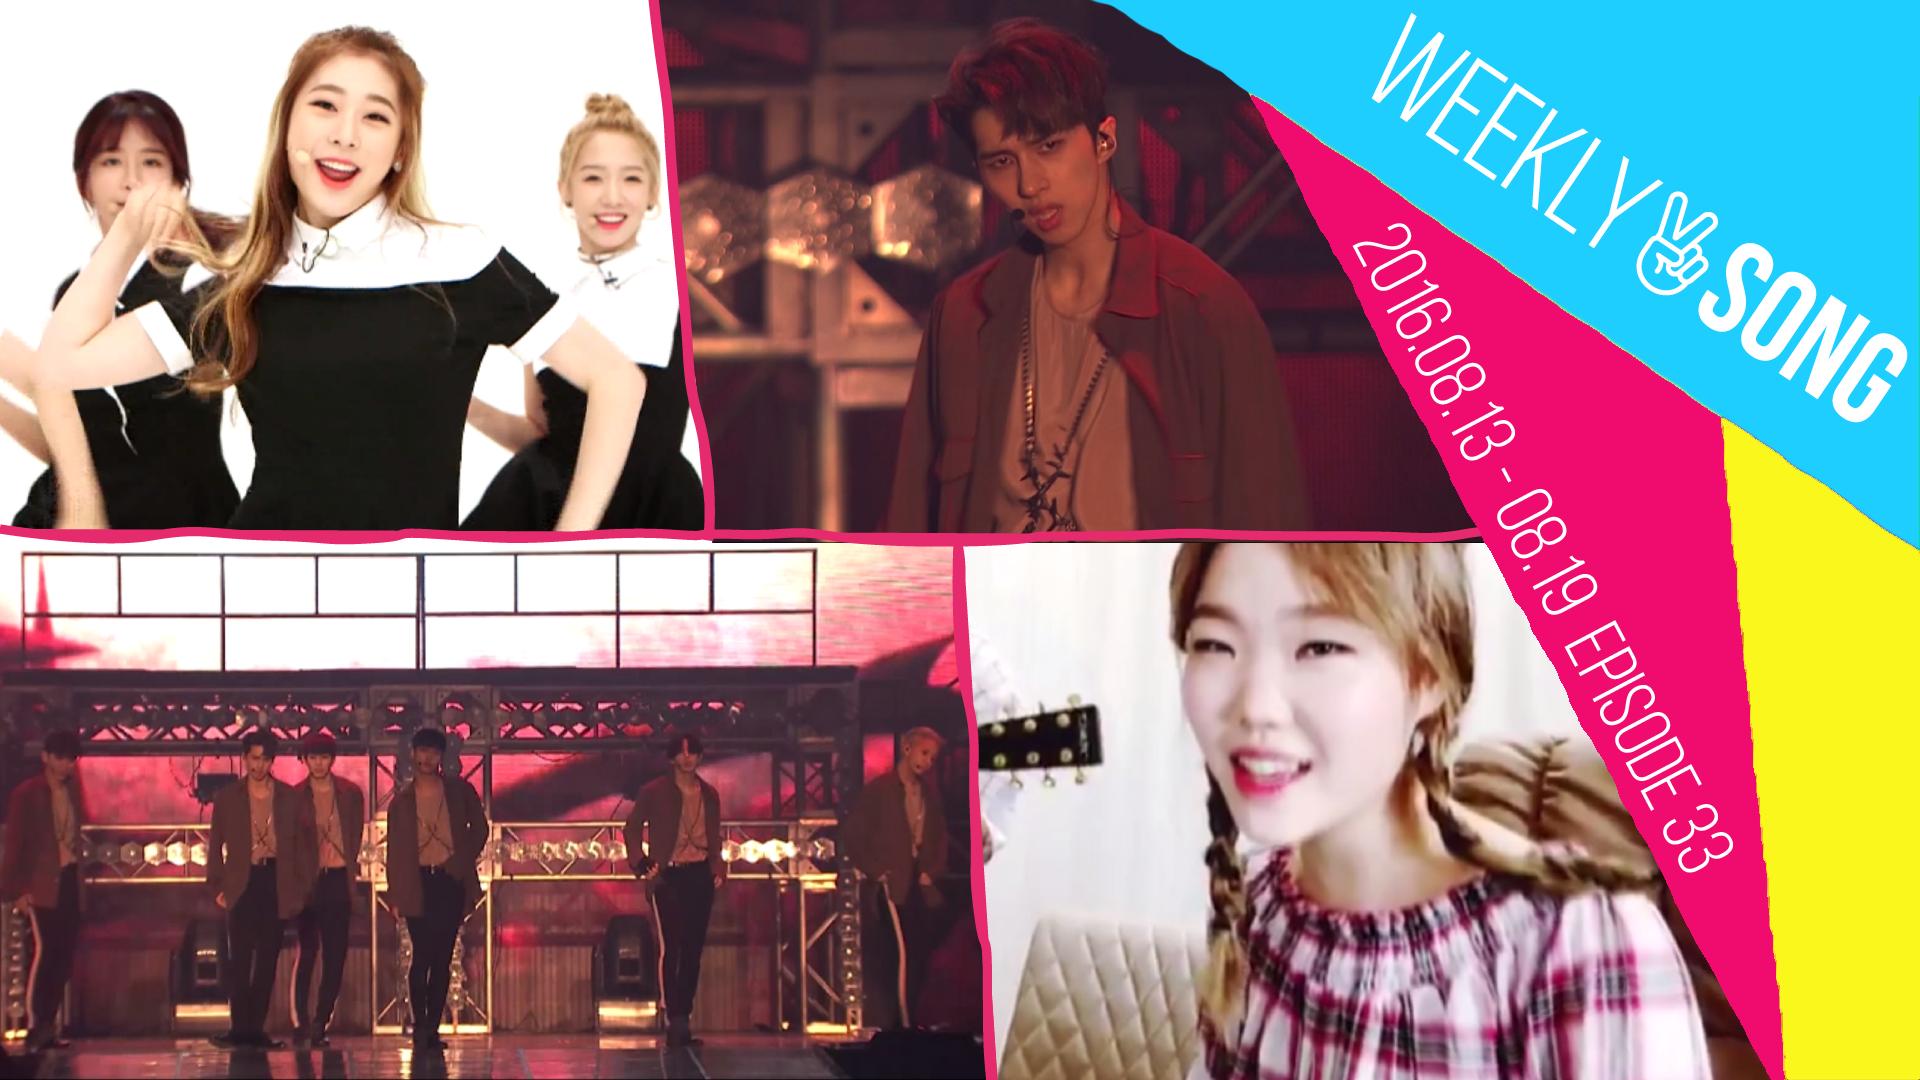 [WEEKLY V SONG] 8.13 - 8.19 핫한 라이브 무대만 모아보자!